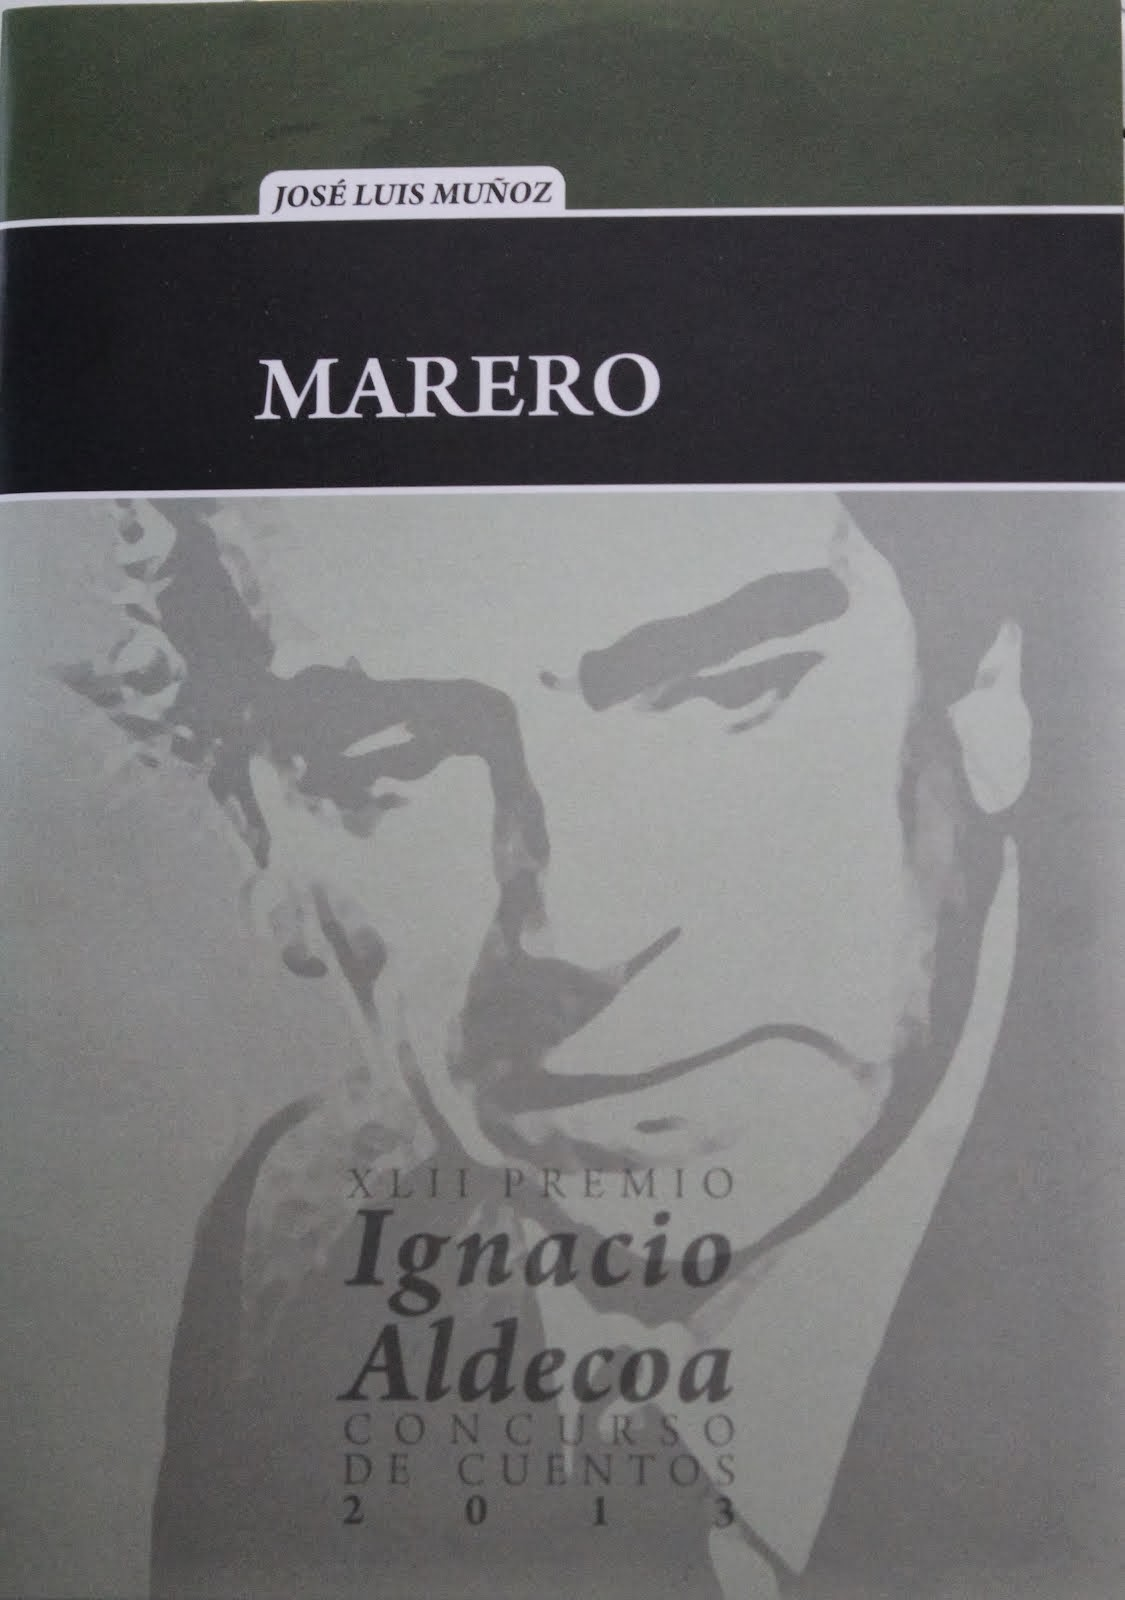 MARERO, Diputación Foral de Álava 2013